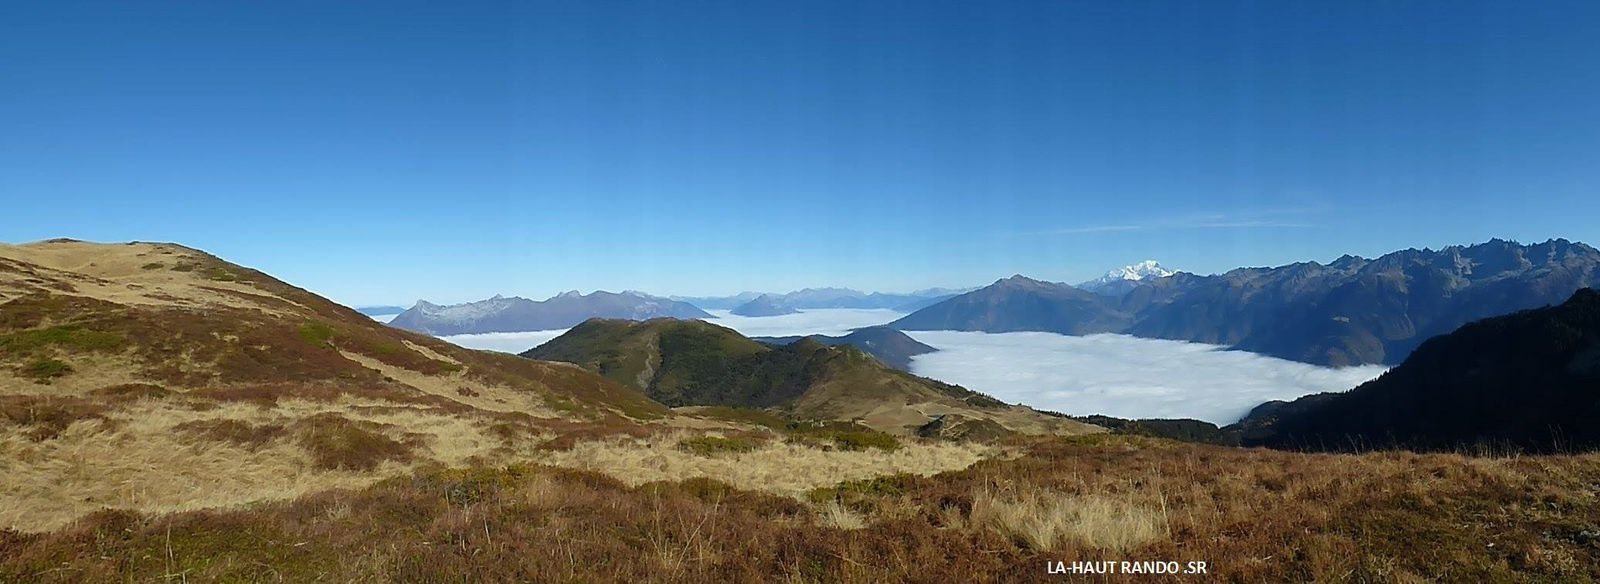 Rando au dessus de la mer de nuages, Arbarétan,Col de la Perche, Chapotet, Belledonne.